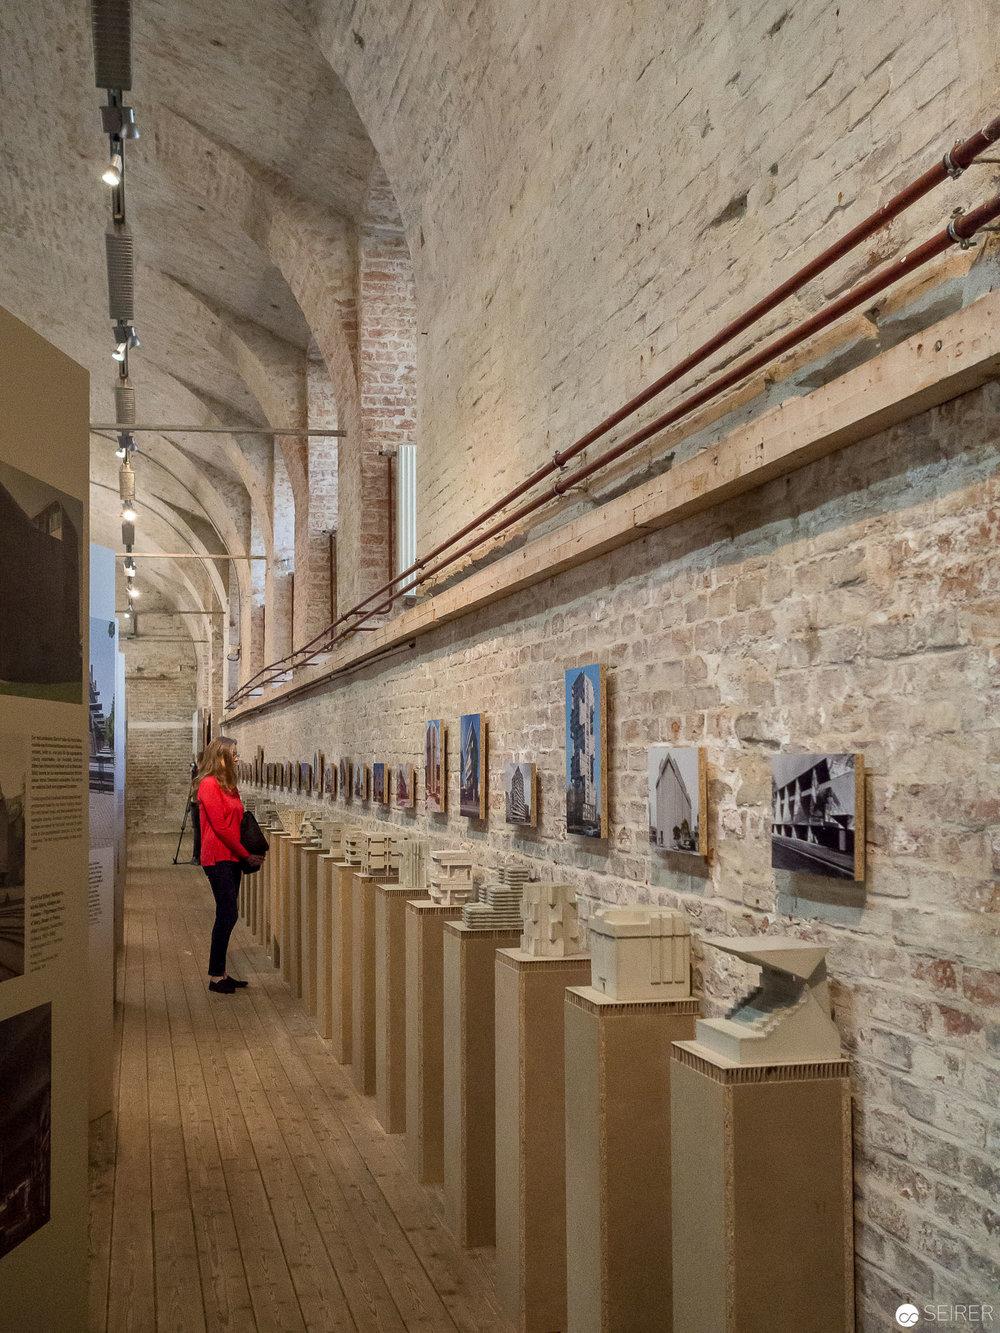 Kleine Modelle aus Beton zeigen Teile von herausragenden Bauten